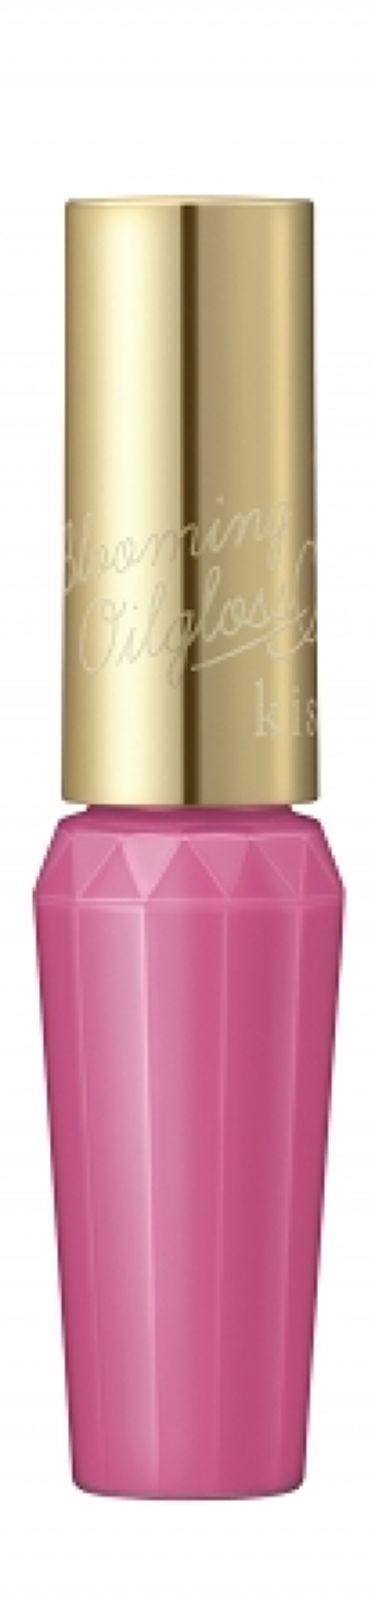 ブルーミングオイルグロス 06 Pink Daisy